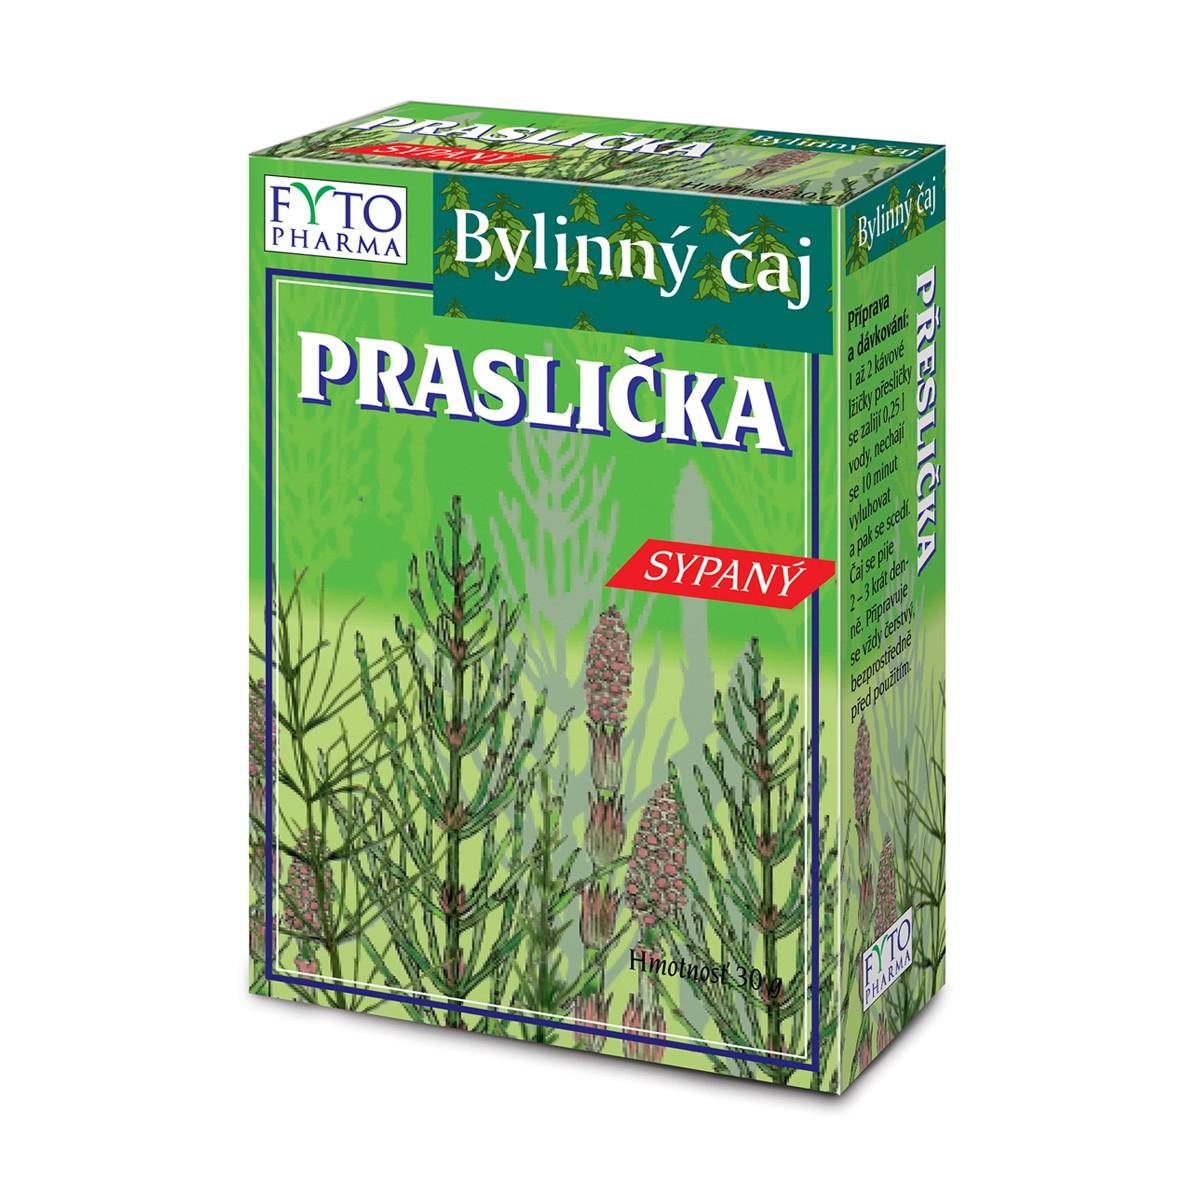 Přesličkový čaj bylinný sypaný 30 g Fytopharma